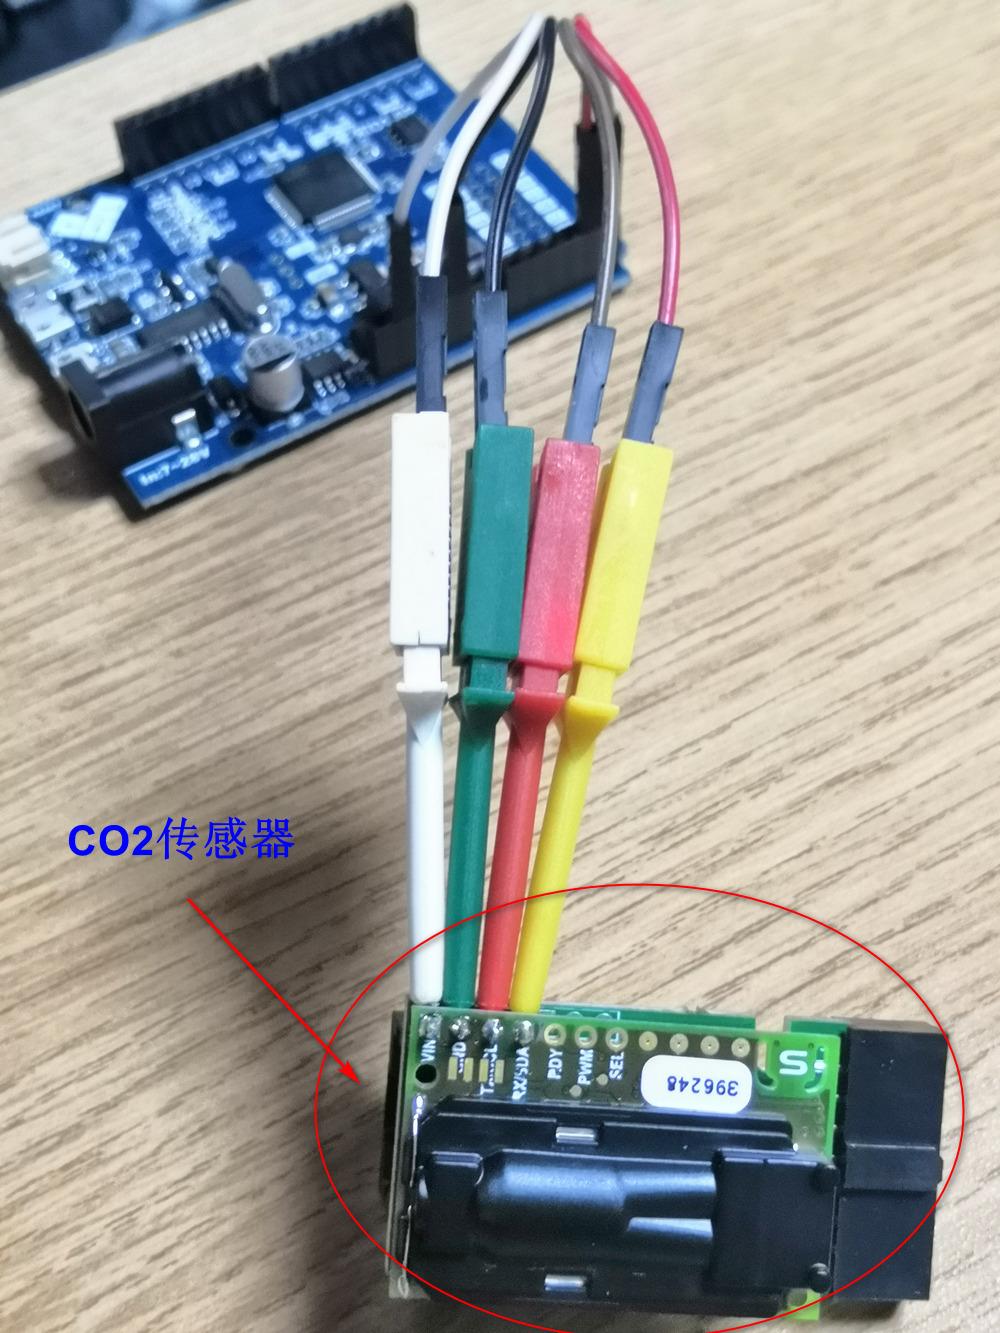 二、云端设置 前面我们使用了SCD30模块采集到了室内空气质量-CO2的指标,为了更加的实用,我们将采集到的数据:CO2、温度、湿度数据上传到云端(这里以OneNet平台使用http协议上传做演示)。 1、首先我们在OneNet平台上建立好我们的设备。 我这里建立一个HTTP协议方式的设备、一个应用、三个数据流。 a、设备信息:  b、应用界面:  c、数据流:  2、上传数据测试: 使用网络调试助手,建立一个TCP client,发送如下HTTP包进行测试: